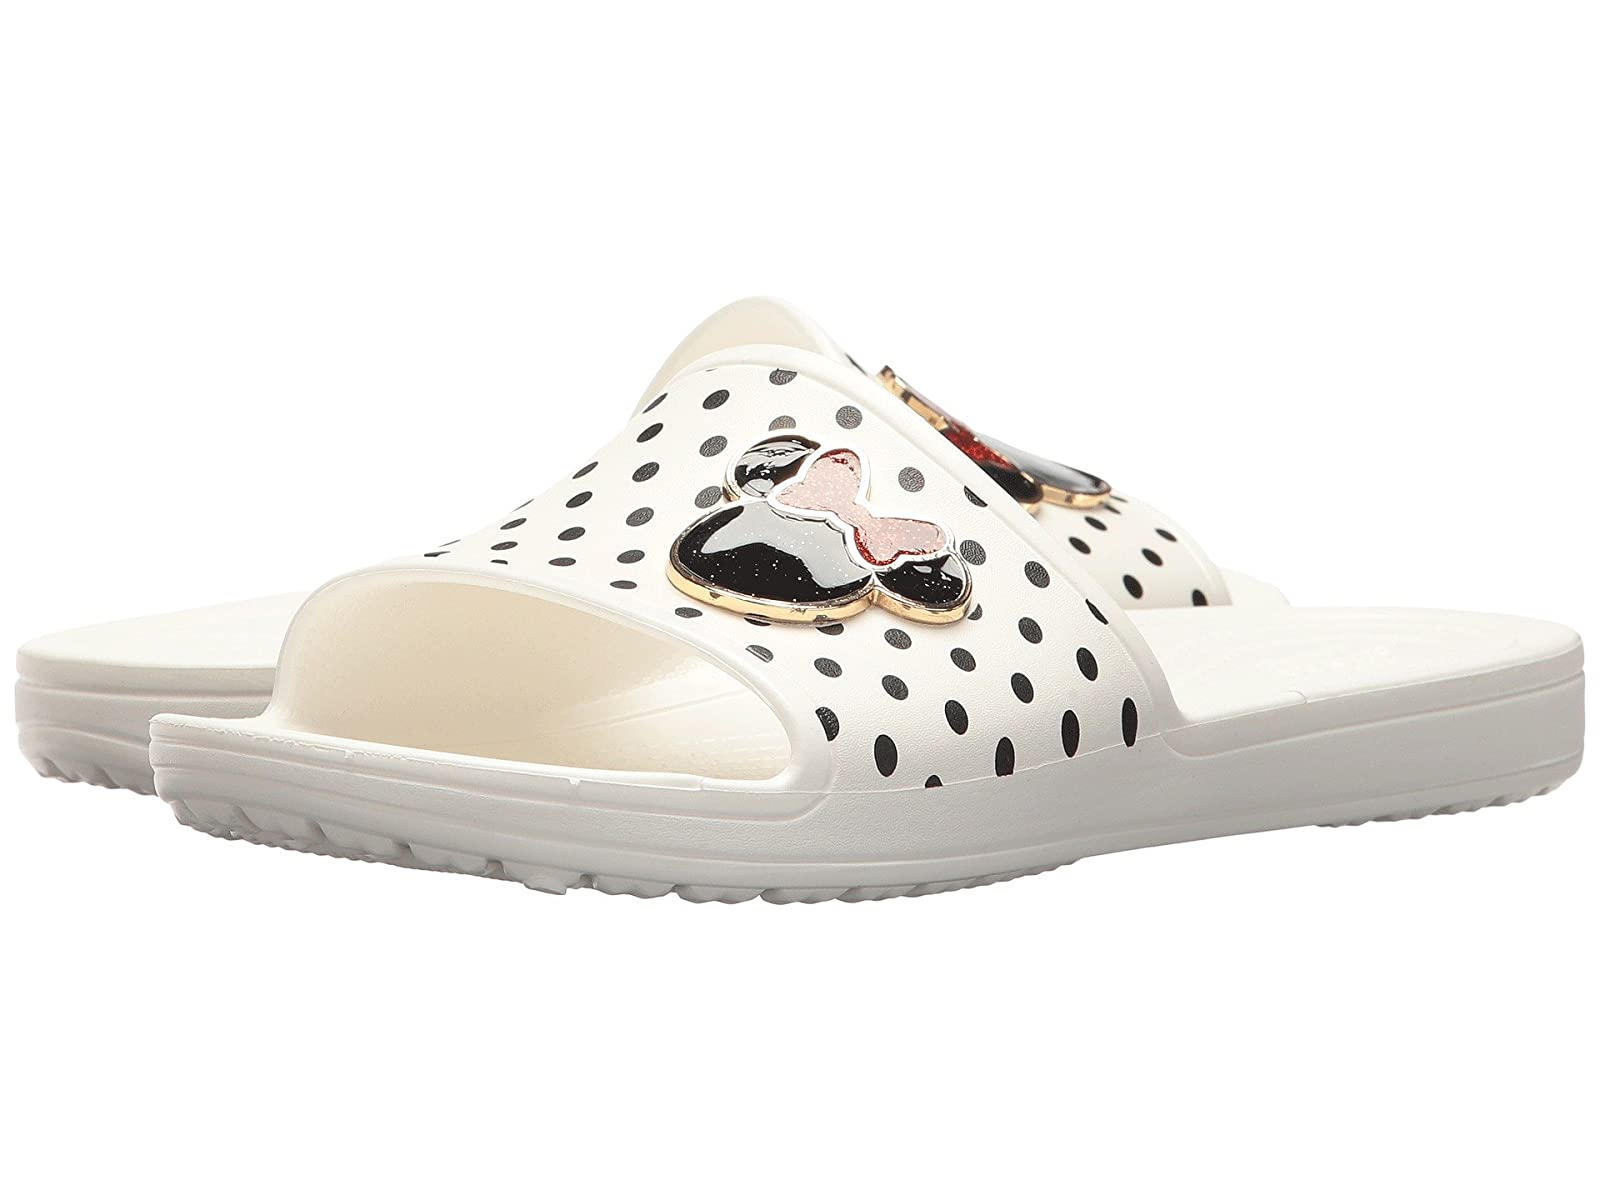 Crocs Crocs Sloane Sloane Sloane Minnie Slide ecd806